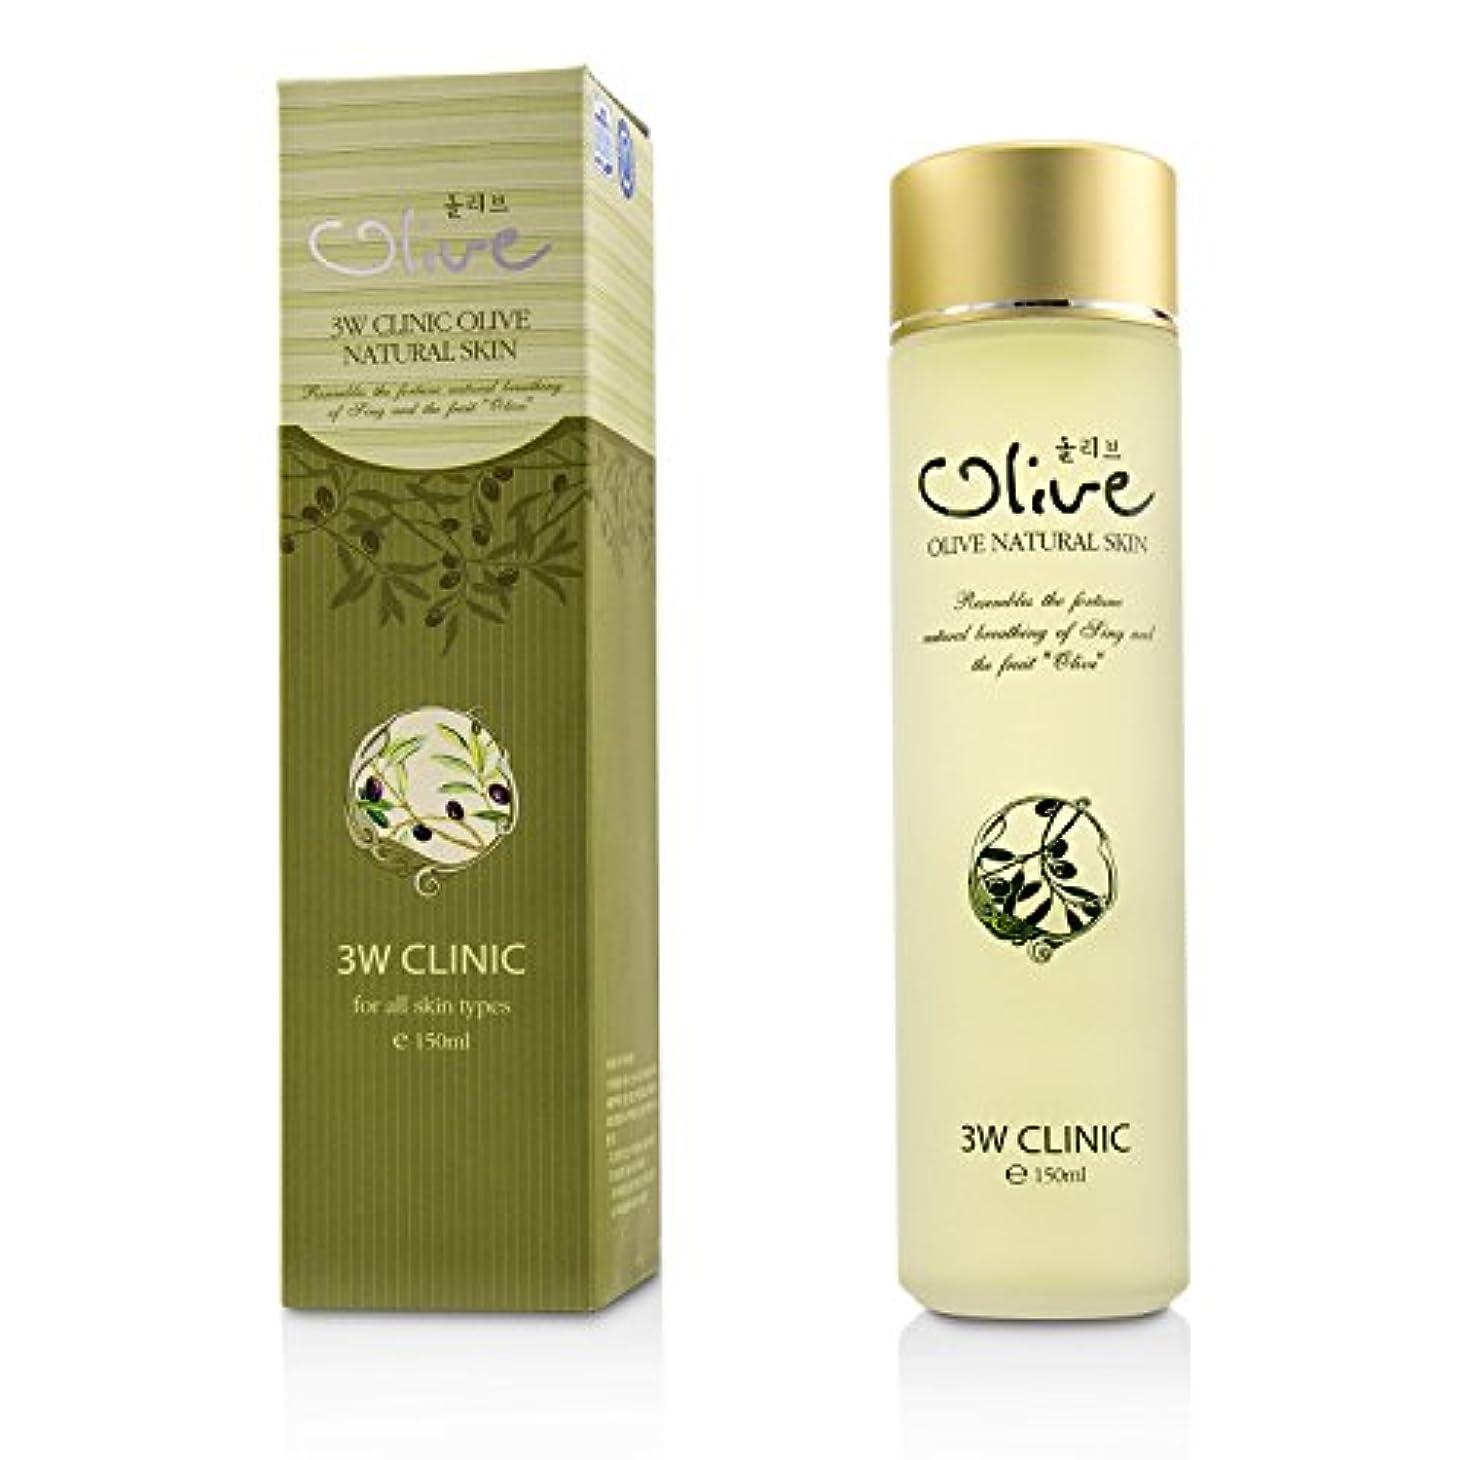 3Wクリニック Olive Natural Skin 150ml/5oz並行輸入品